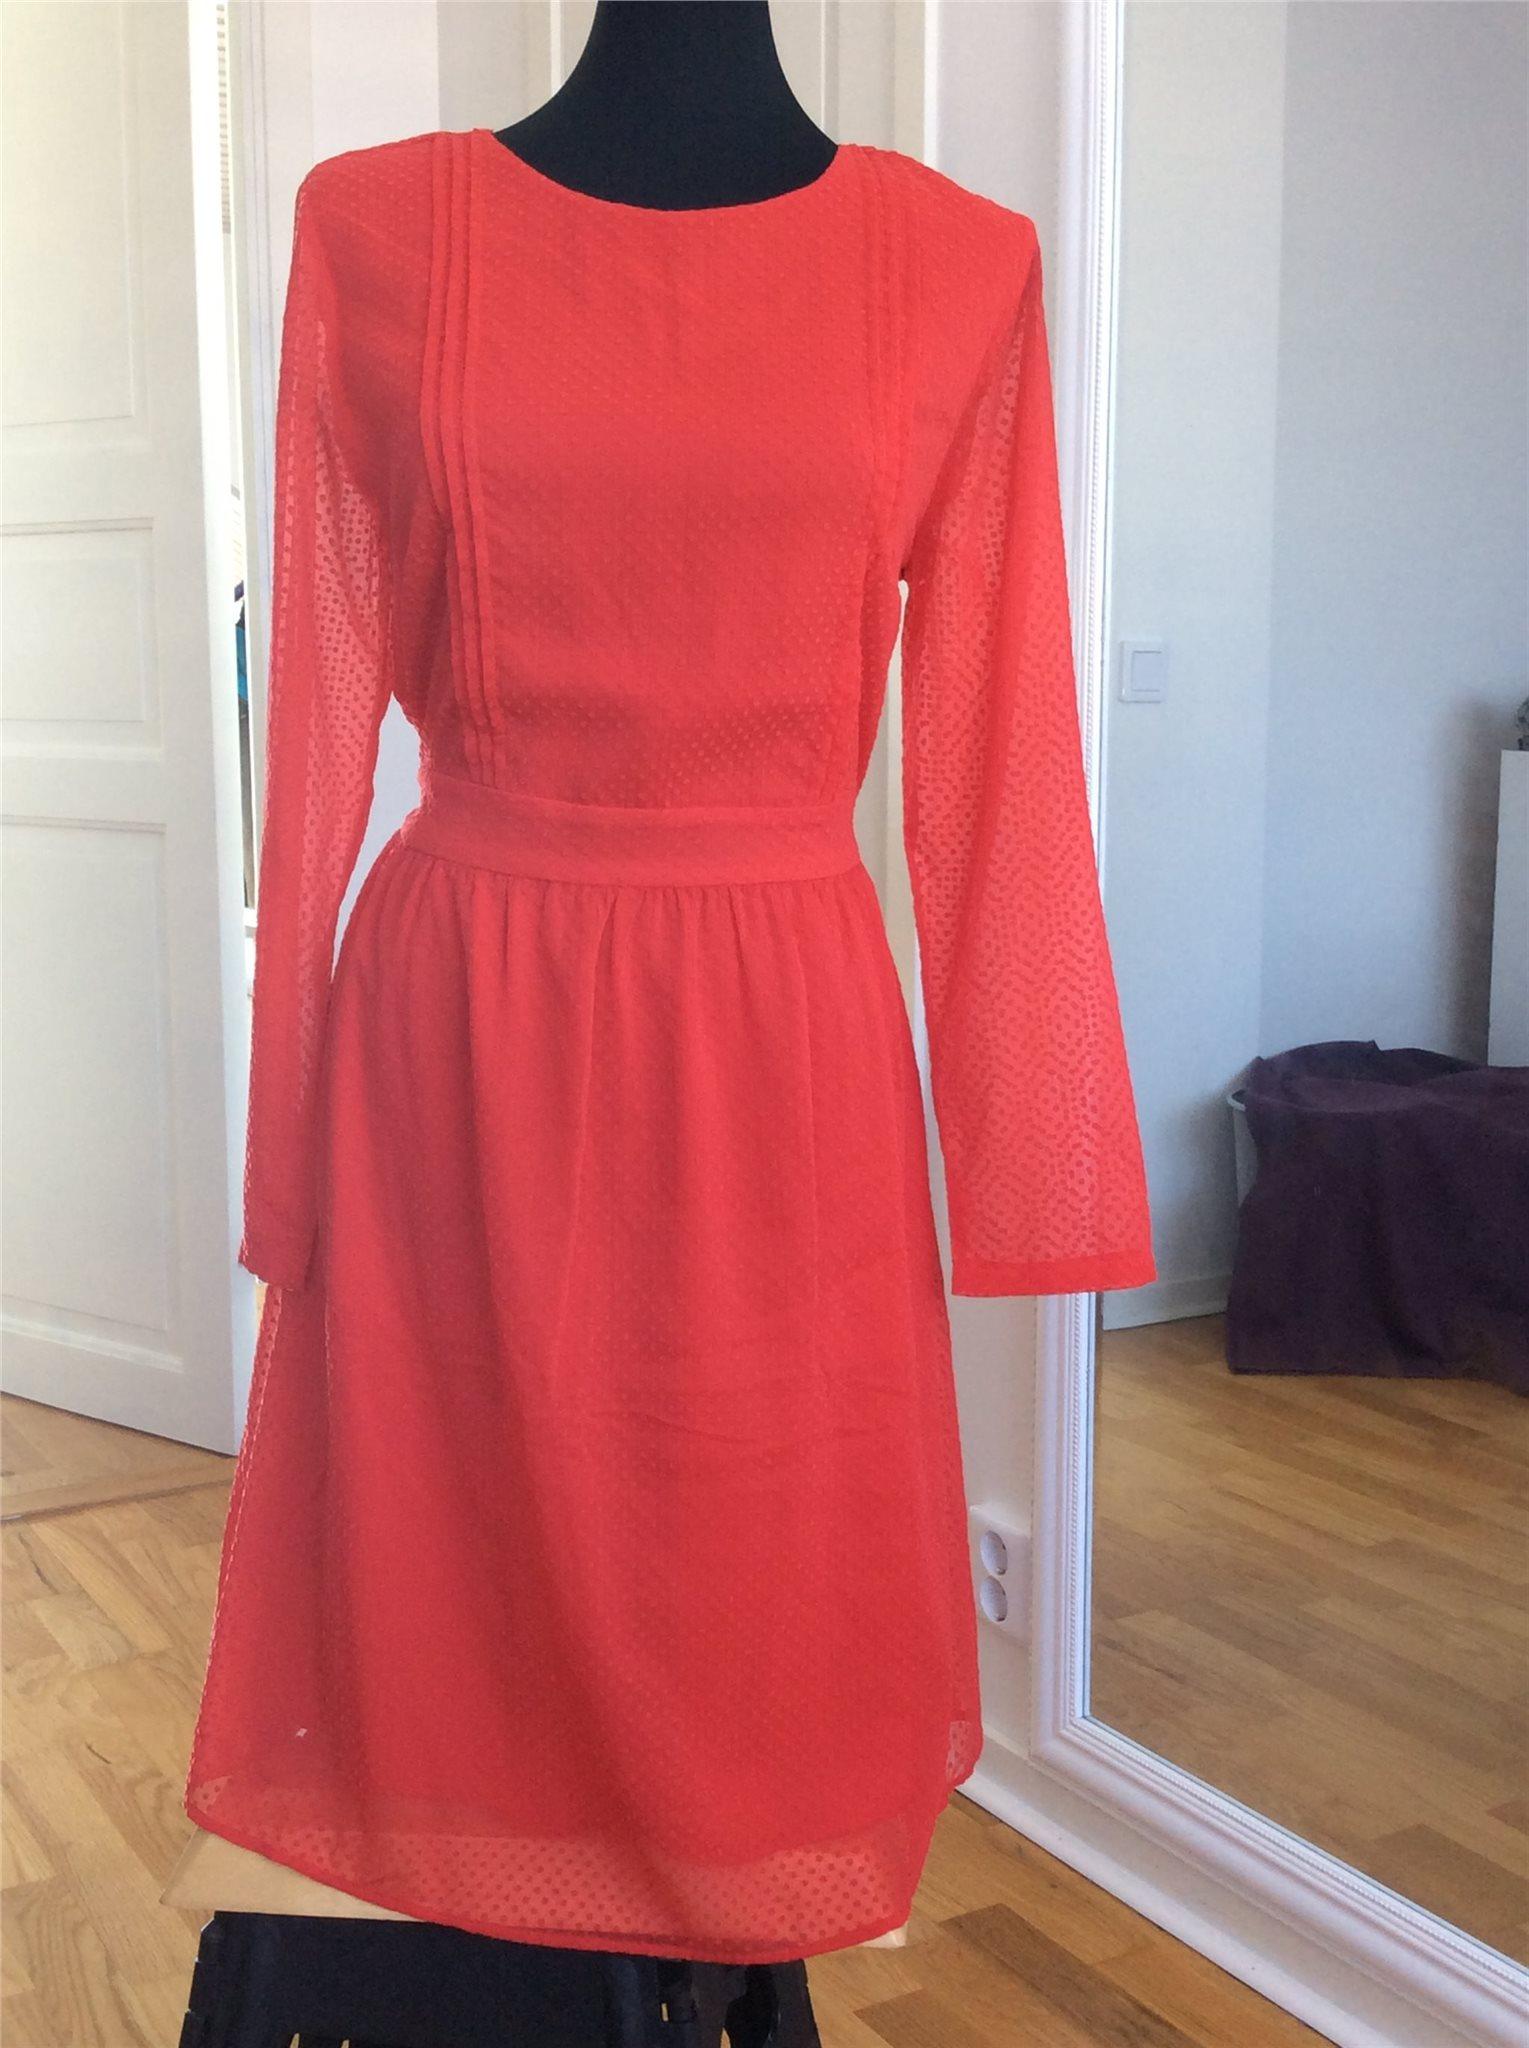 aaf61bd4a5e3 Röd klänning fest